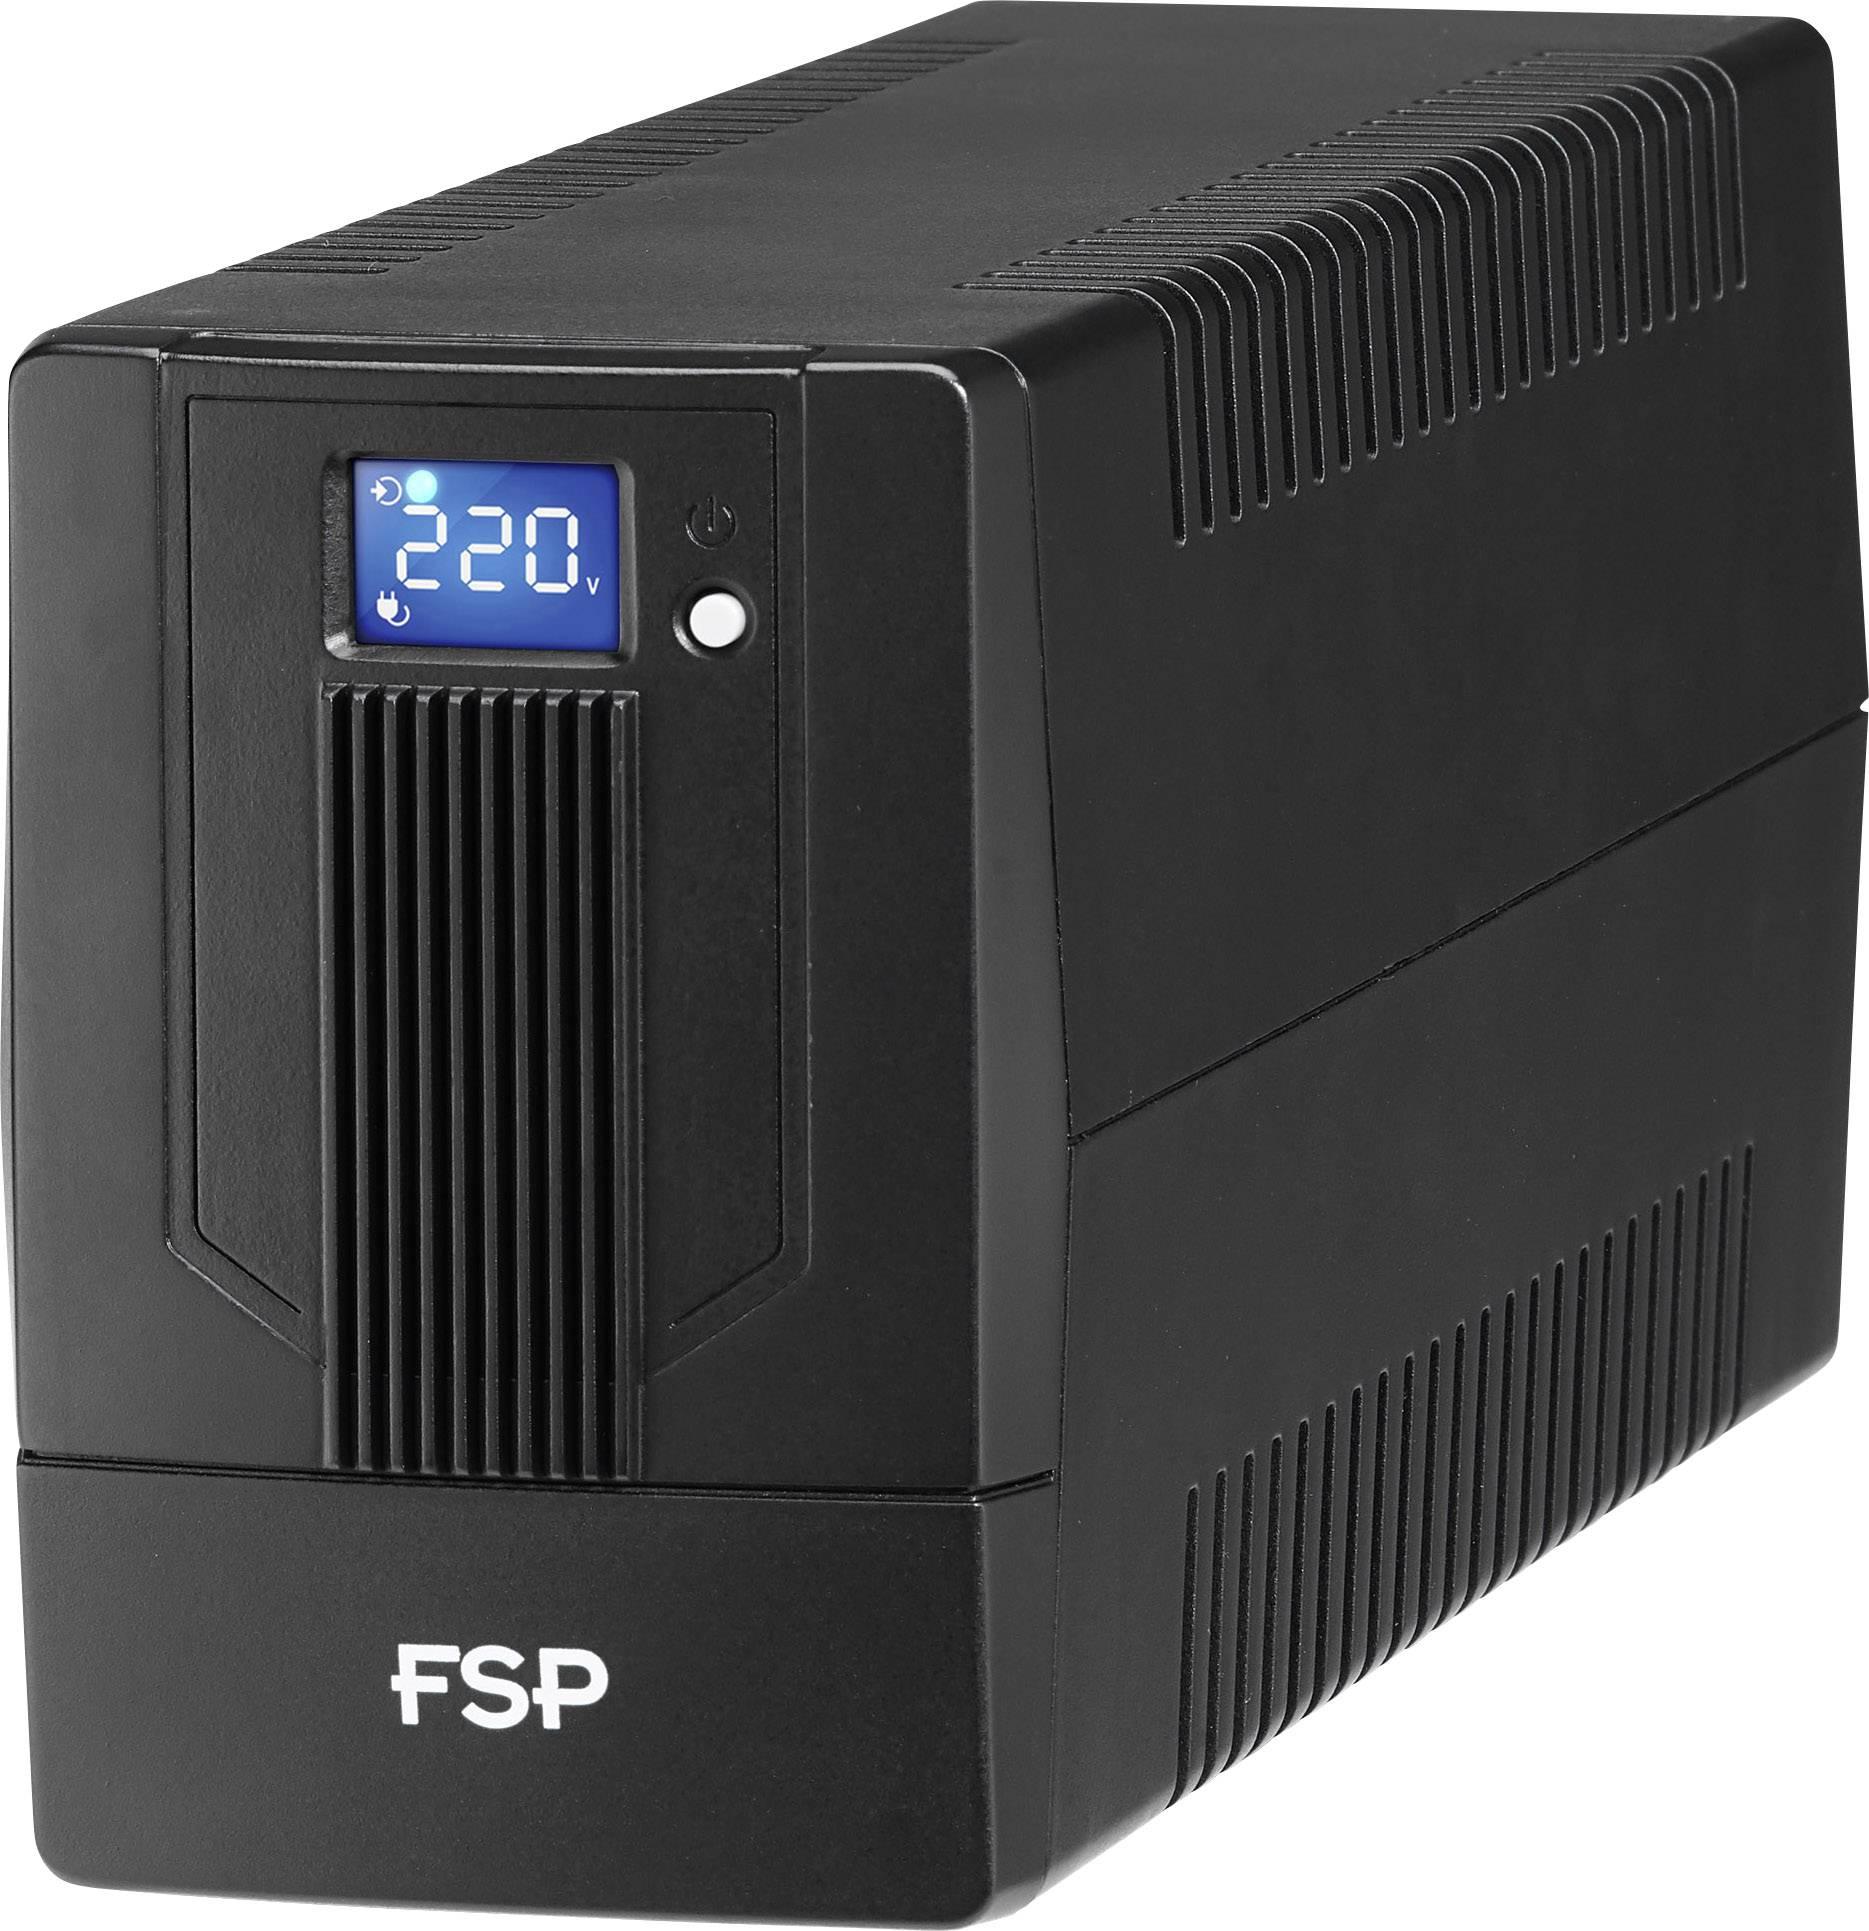 PC- Netzteil Fortron FSP IFP 800 - USV